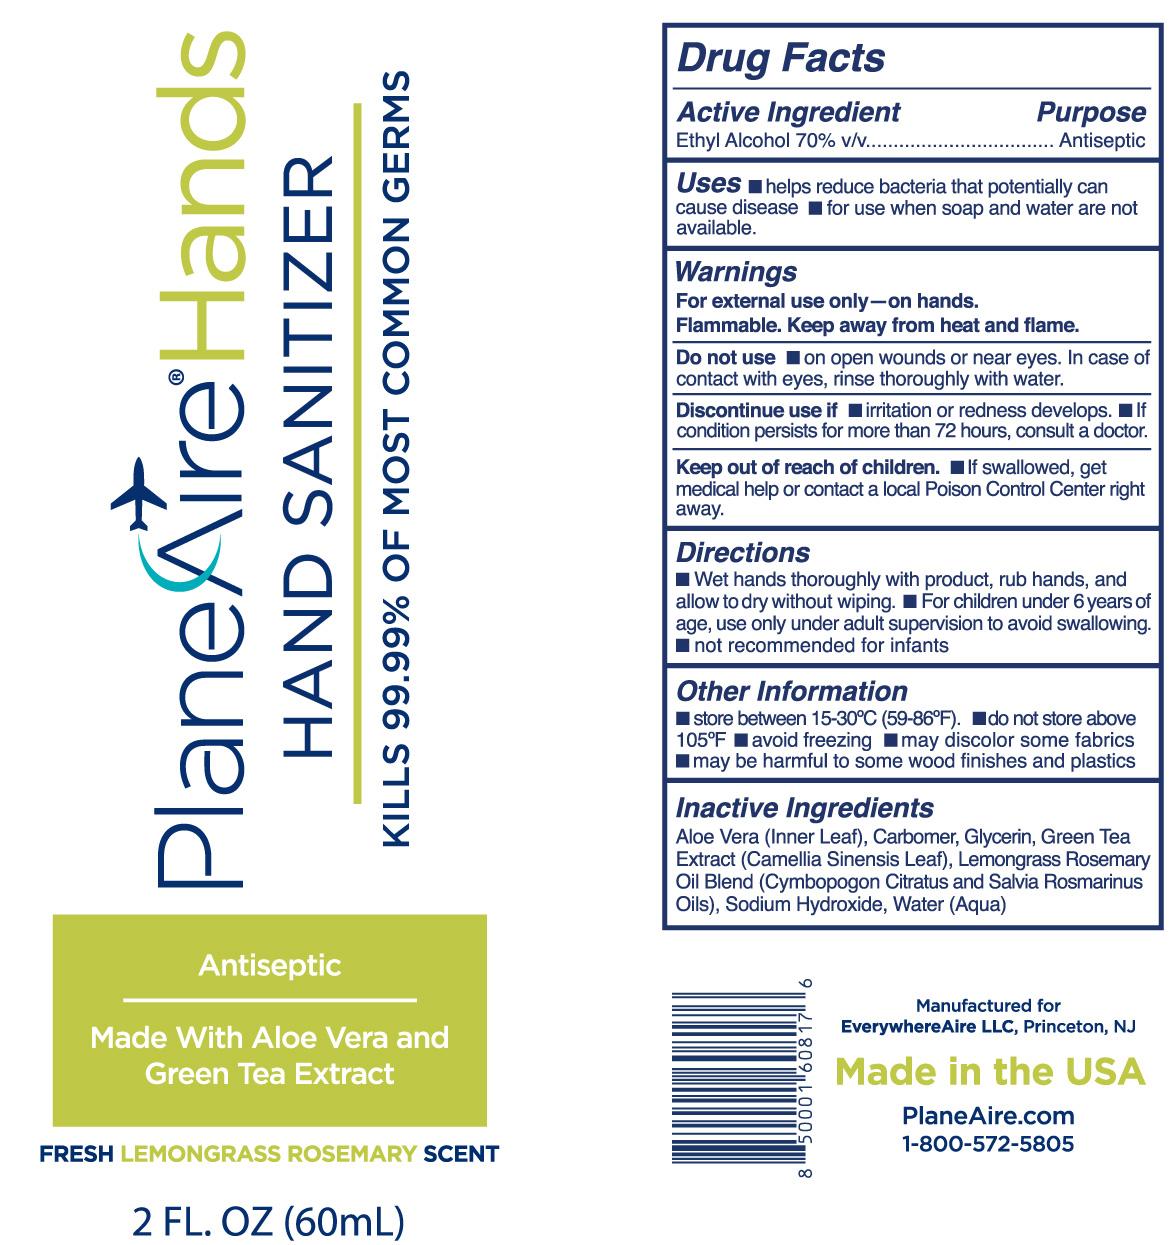 PAH Label 80335-107-02